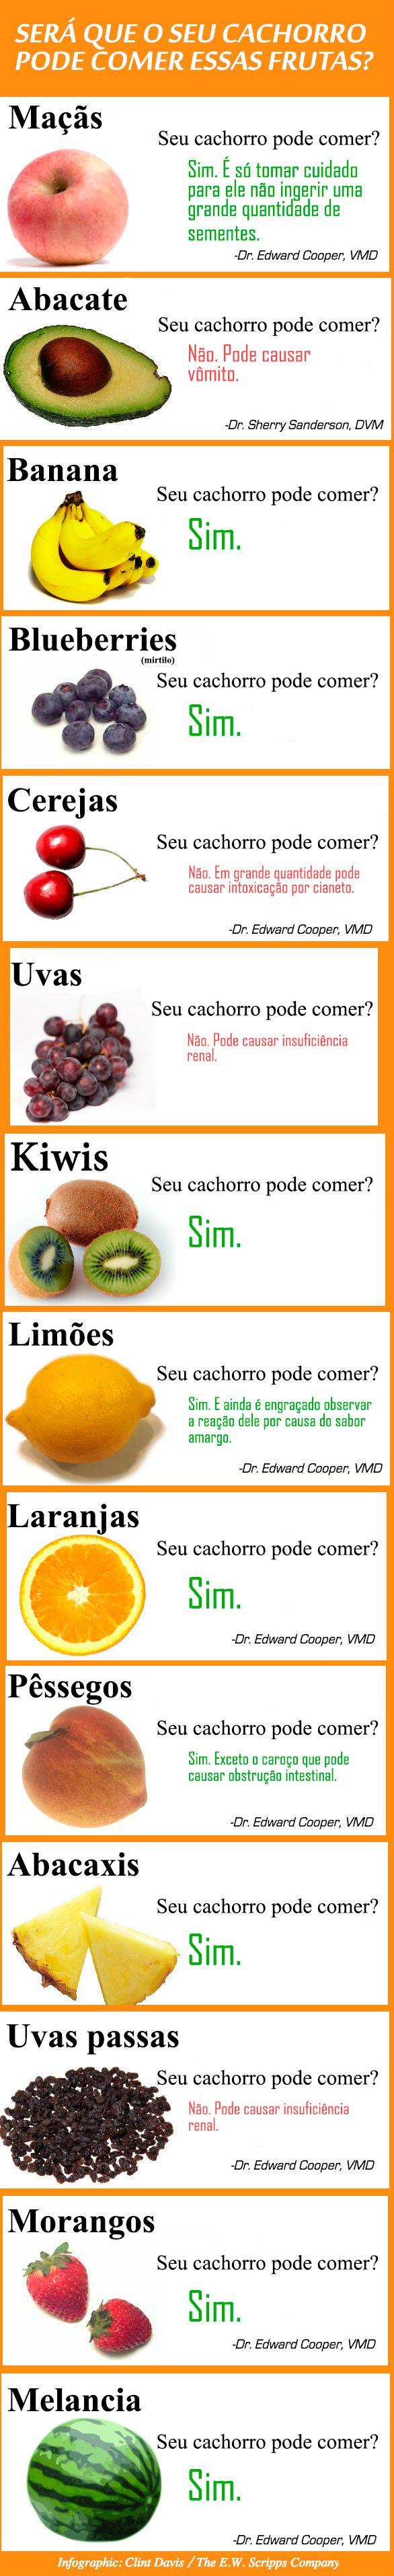 Você sabe quais frutas seu cachorro pode comer e quais não deve dar a ele de jeito nenhum? Descubra com esse infográfico.